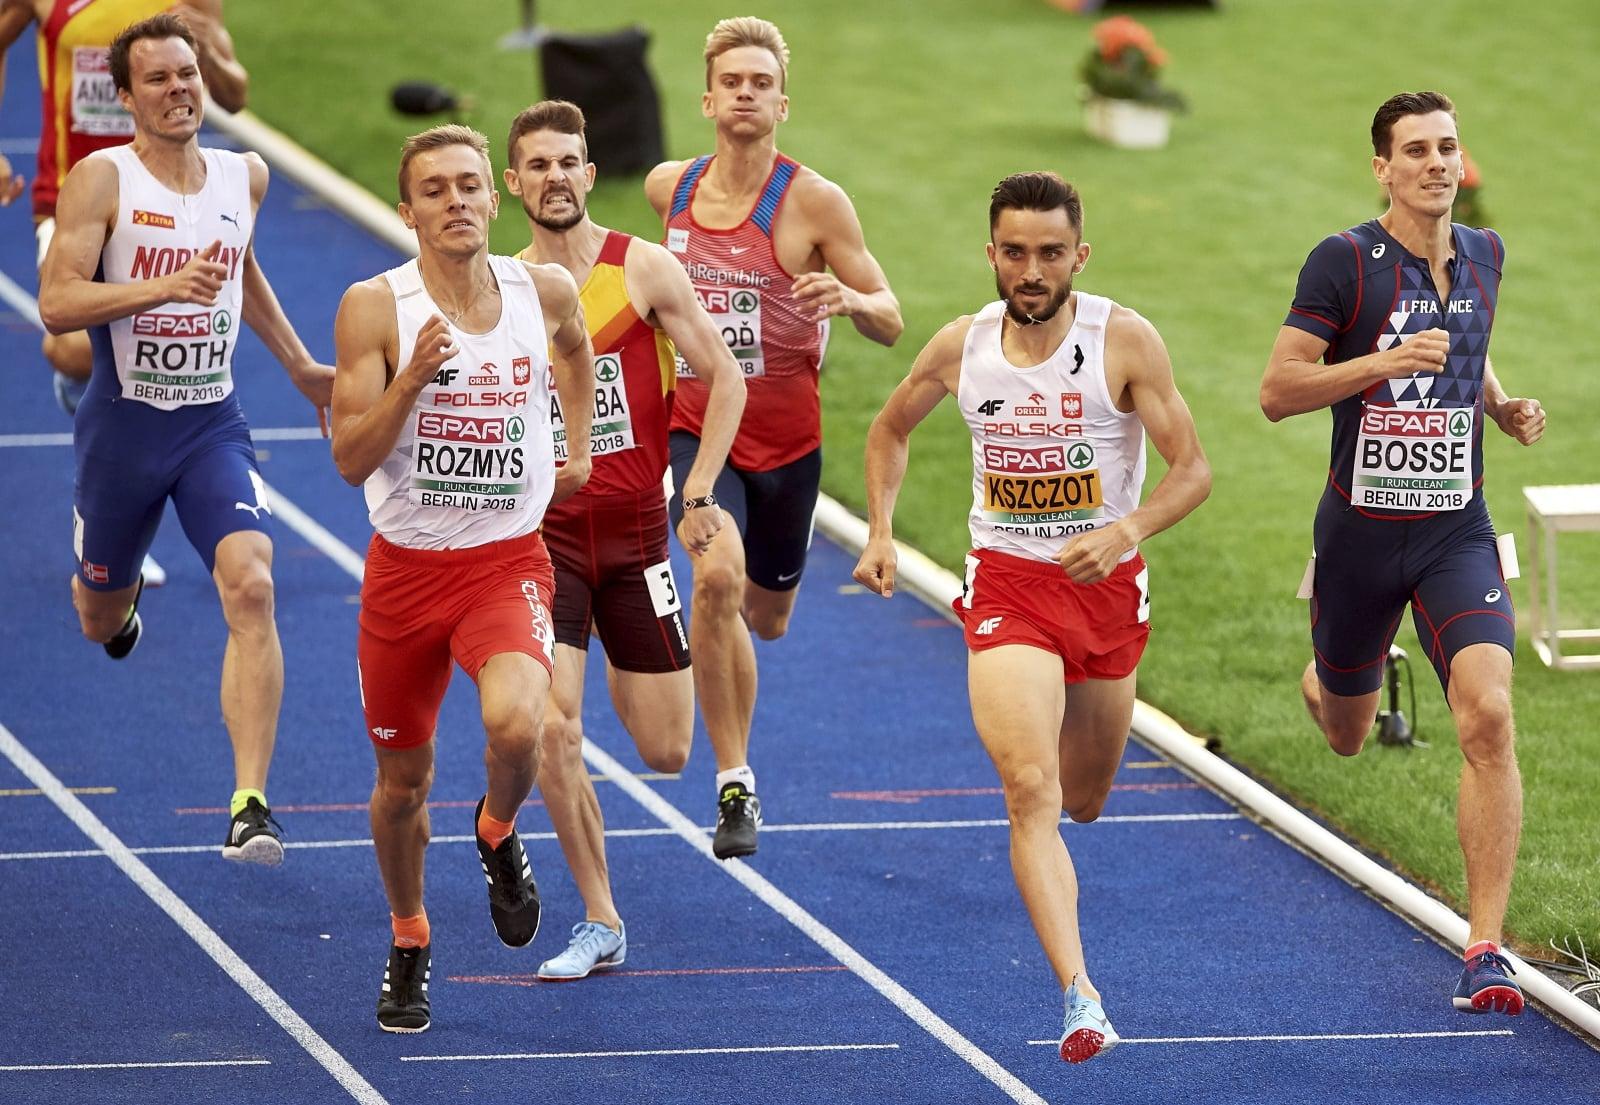 Berlin, Polacy Adam Kszczot (2P) i Michał Rozmys (2L) w biegu półfinałowym na dystansie 800 metrów podczas lekkoatletycznych mistrzostw Europy  PAP/Adam Warżawa